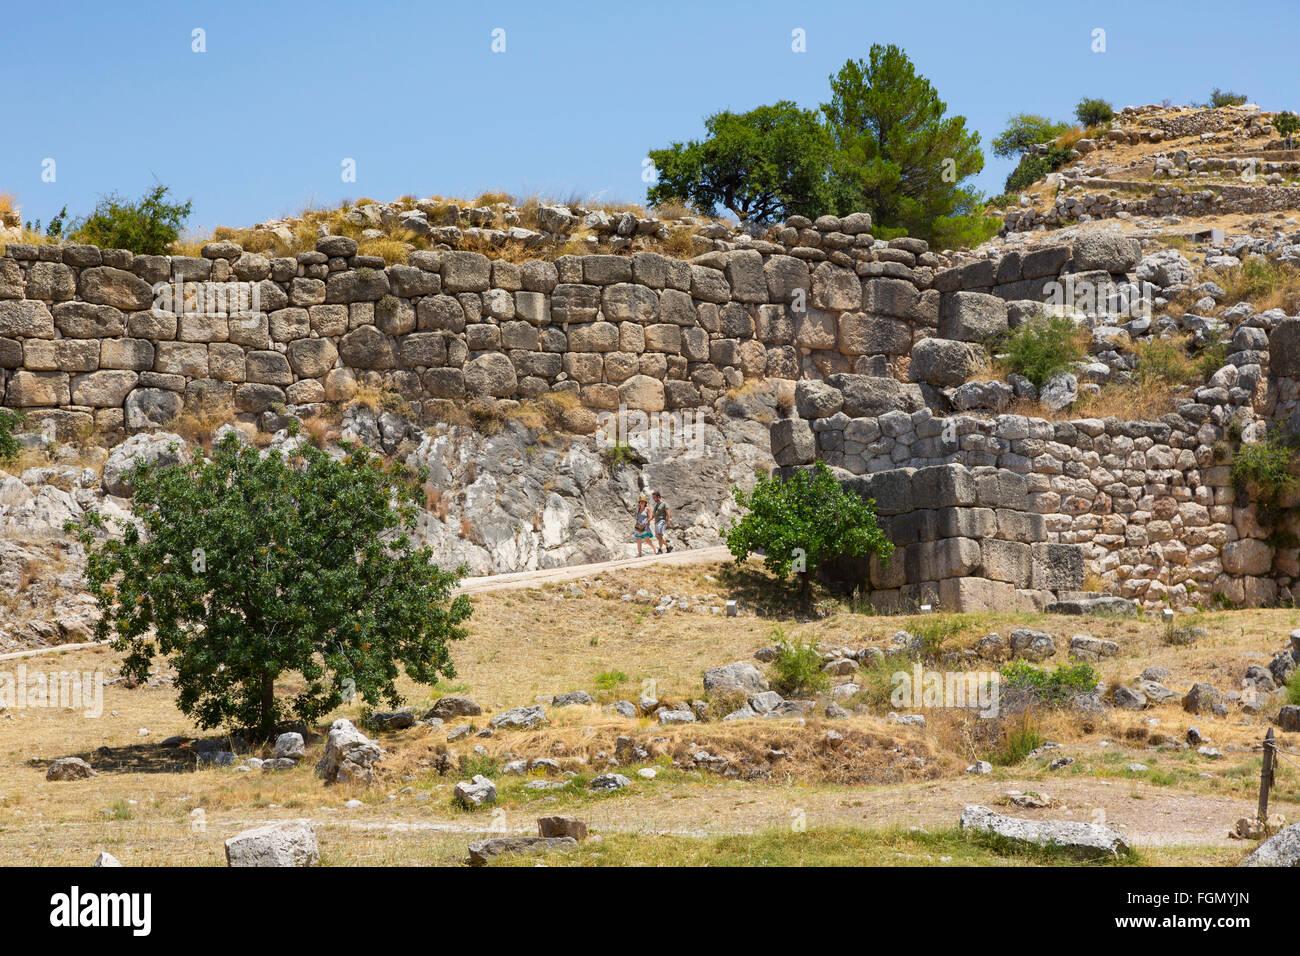 Micene, Argolide, Peloponneso e Grecia. Le mura ciclopiche della città cittadella. Immagini Stock